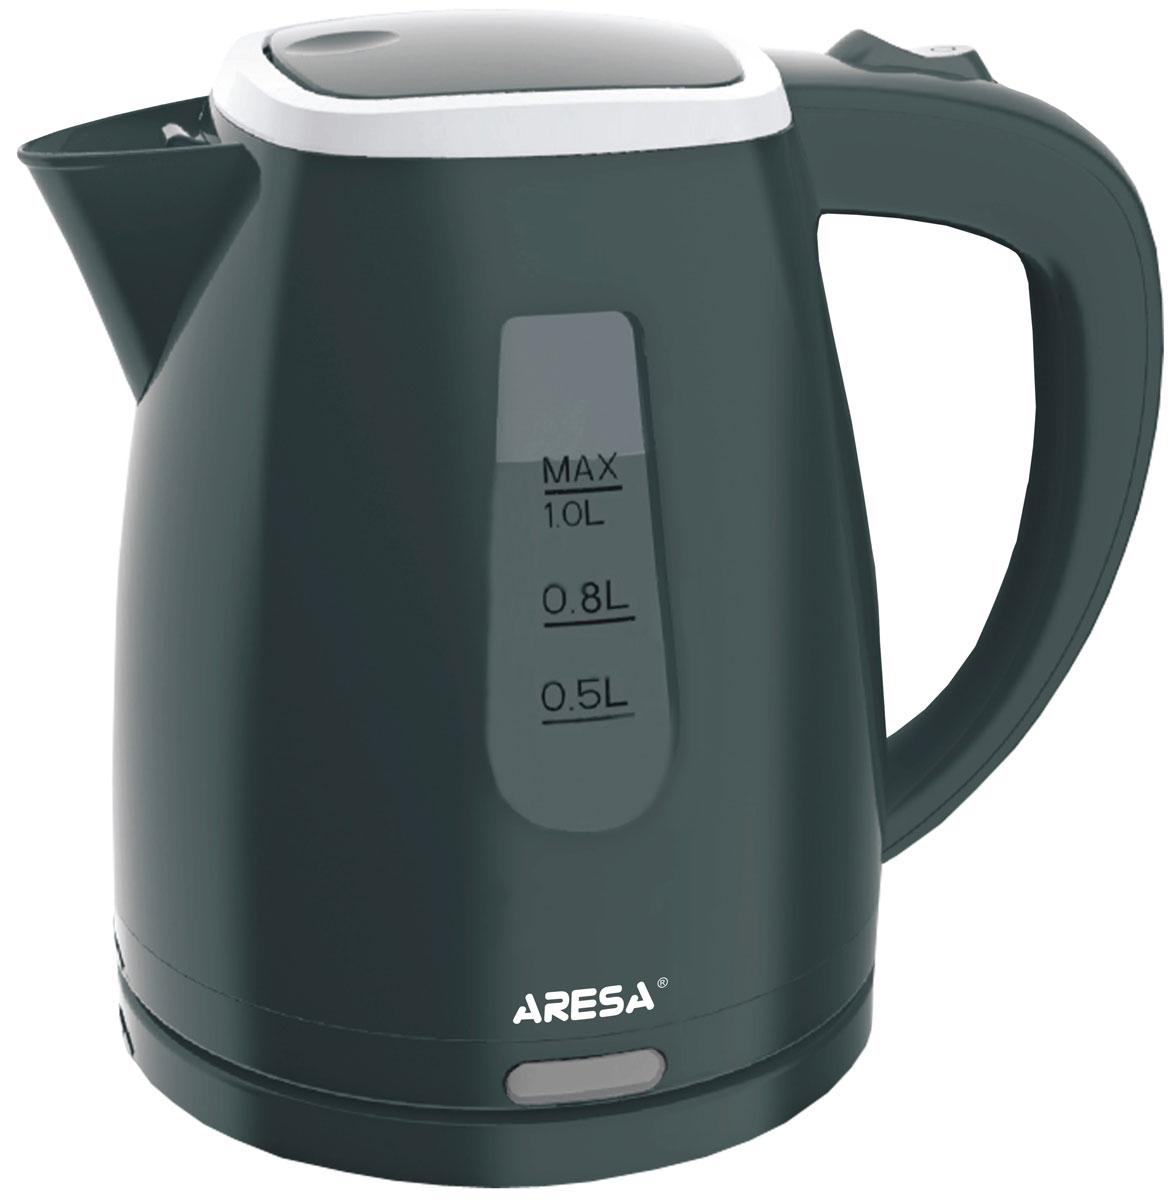 Aresa AR-3401 чайник электрическийAR-3401Надежный электрический чайник Aresa AR-3401 в корпусе из качественного пластика. Прибор оснащен скрытым нагревательным элементом и позволяет вскипятить до 1 литра воды за 3-5 минут. Данная модель оснащена светоиндикатором работы, поворотной подставкой с вращением на 360° и фильтром от накипи. Для обеспечения безопасности при повседневном использовании предусмотрены функция автовыключения, защита от перегрева, а также блокировка включения без воды.